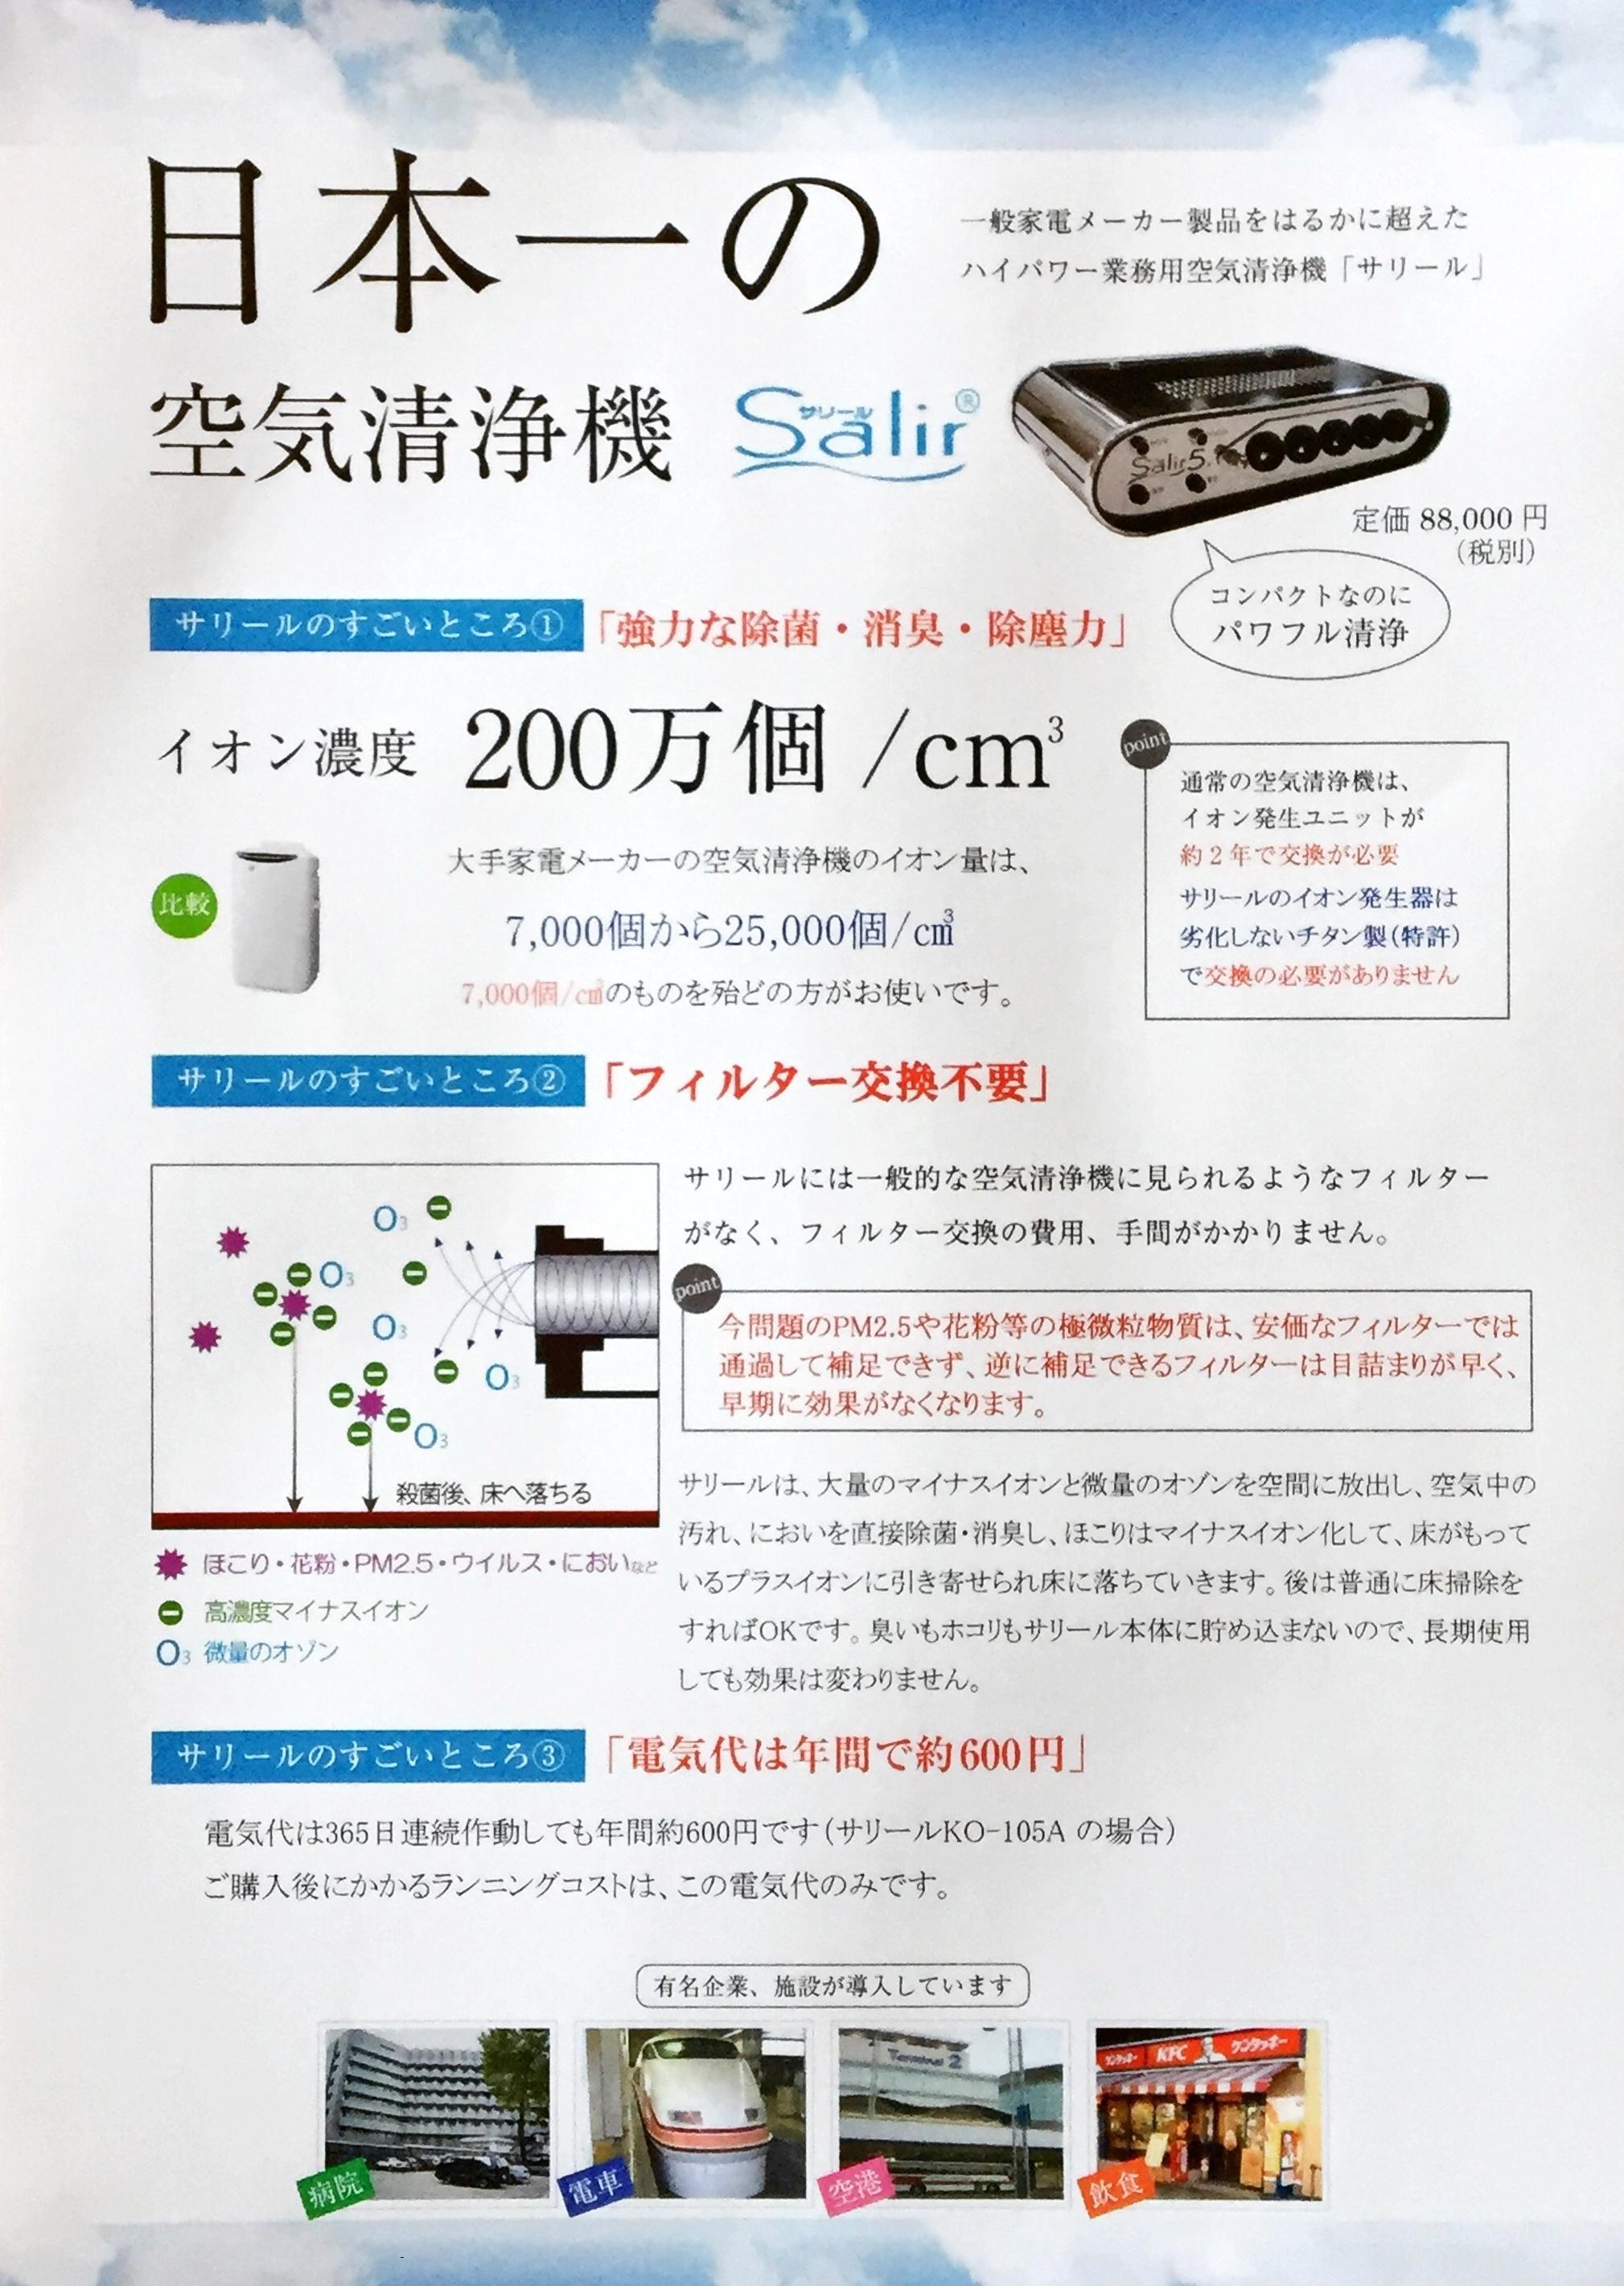 0000008812.jpg